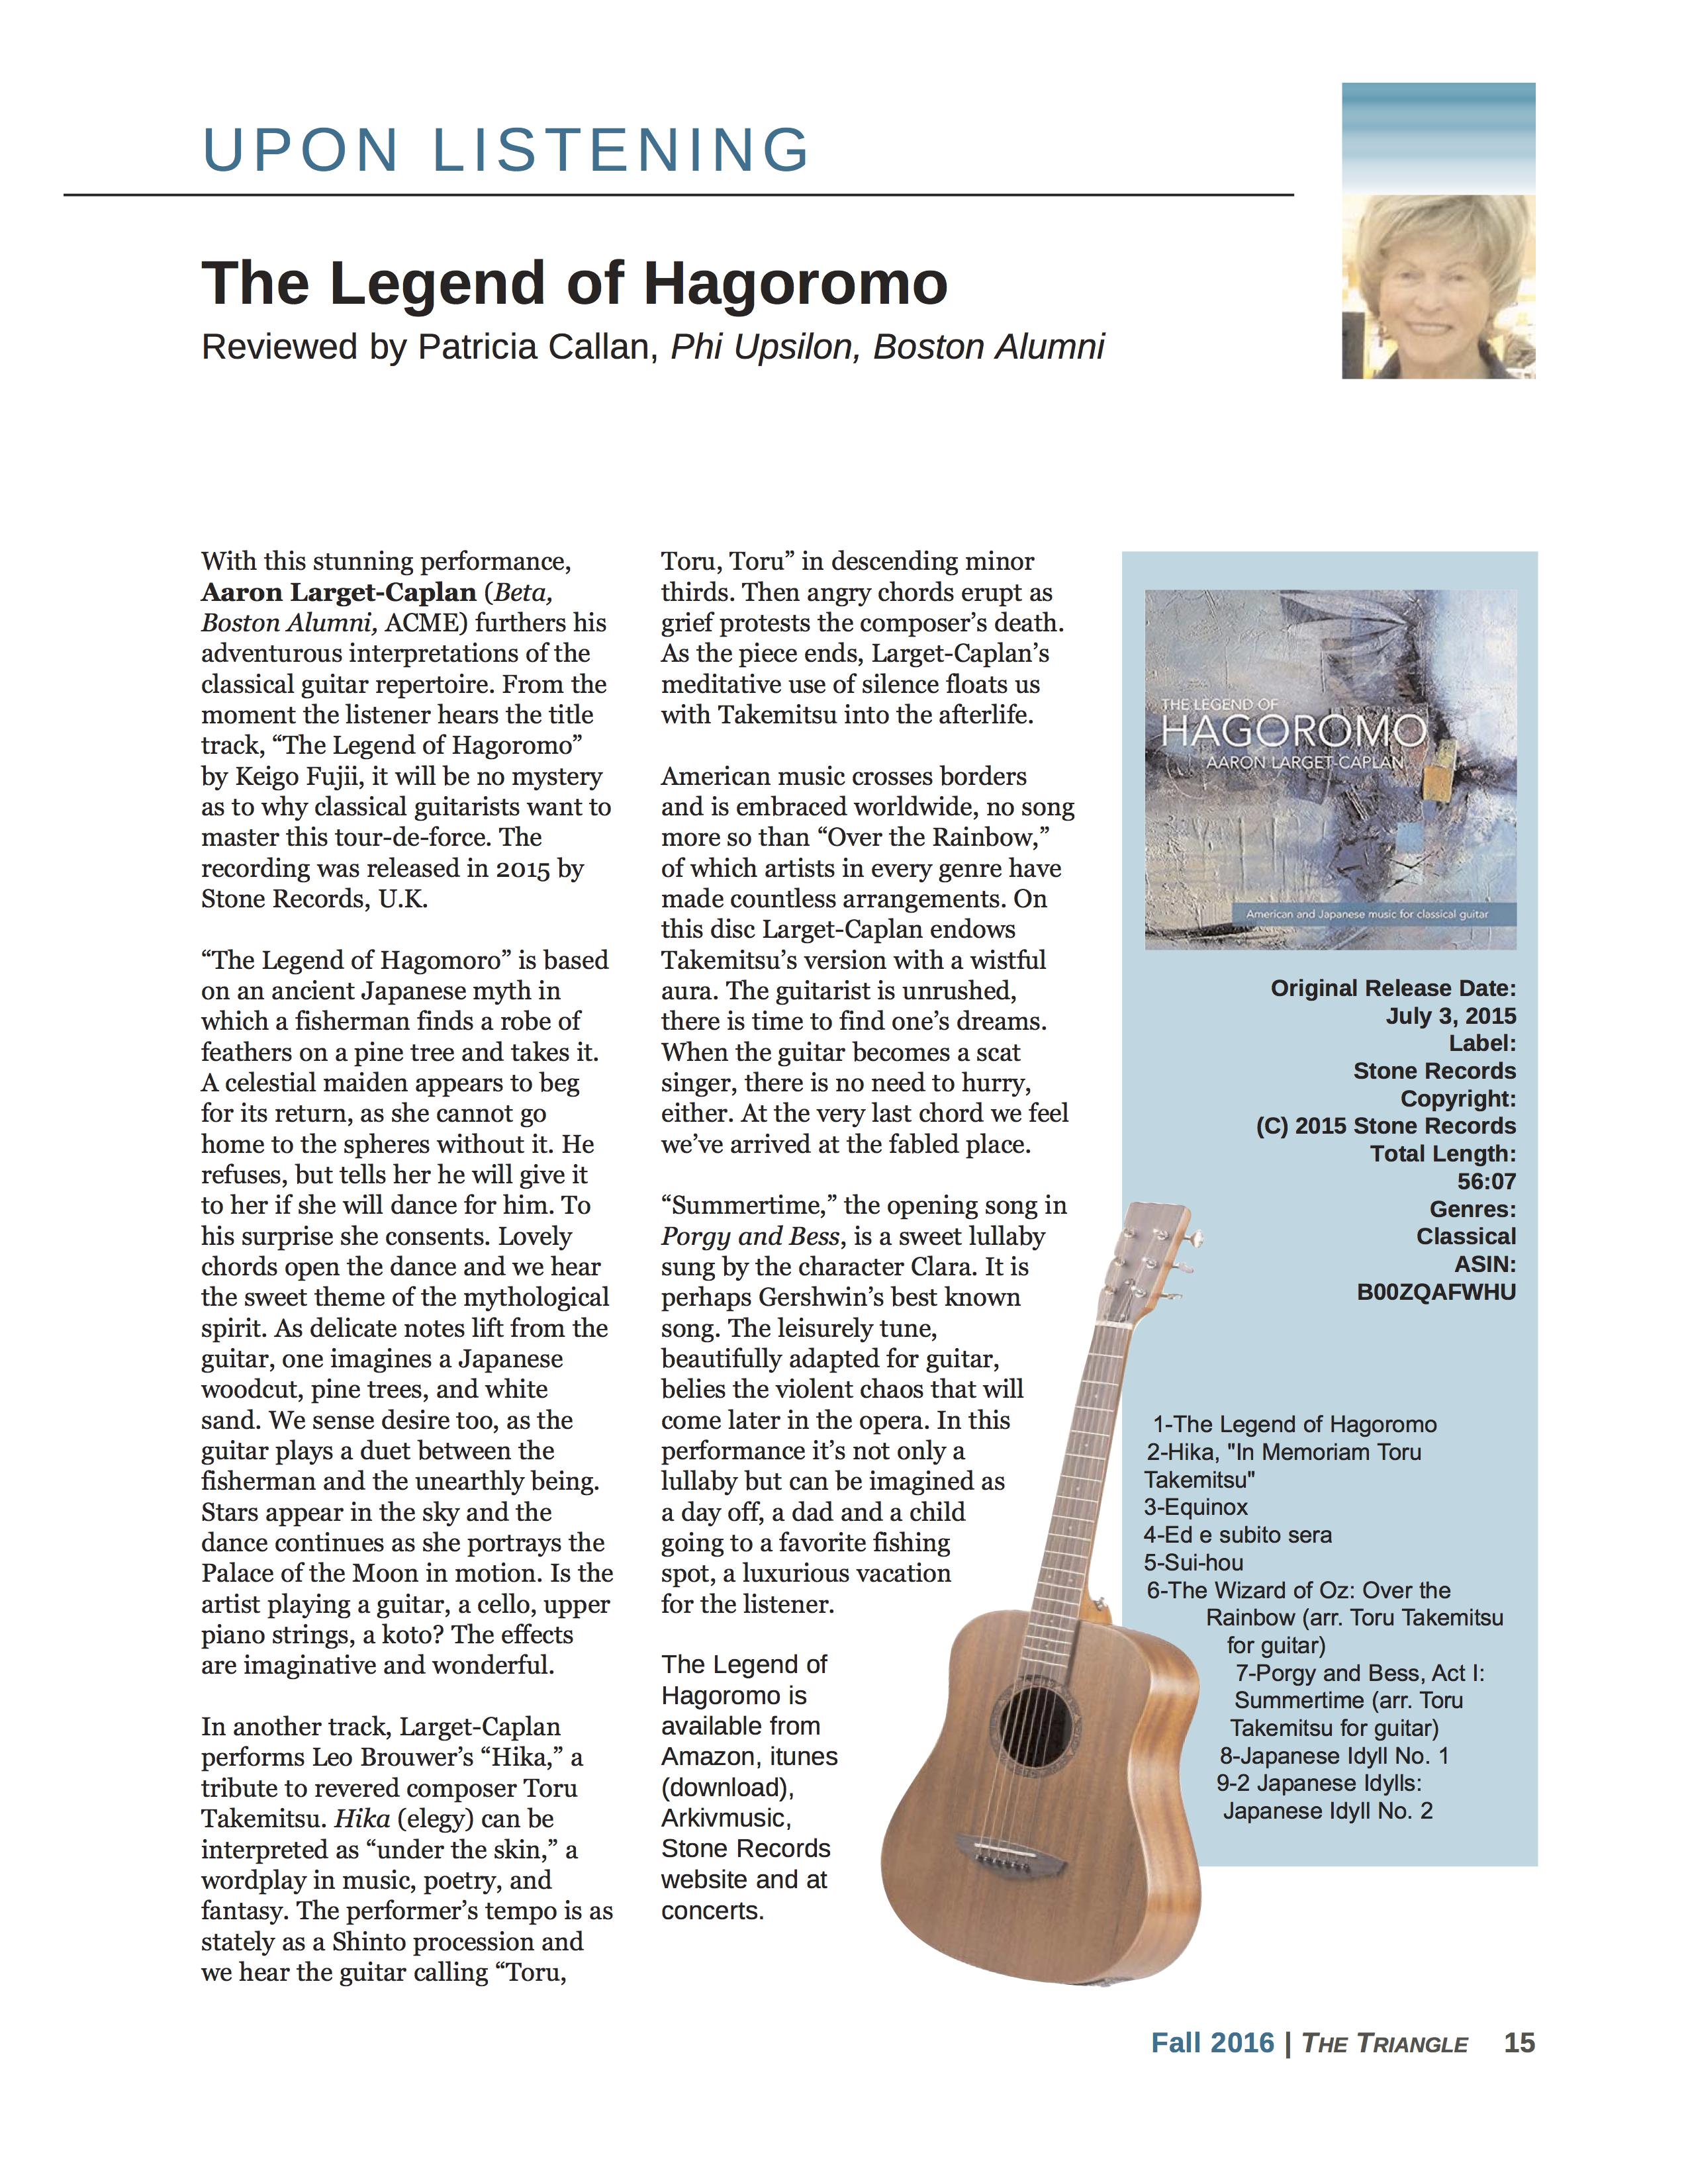 legend-of-hagoromo-triangle-fall-2016